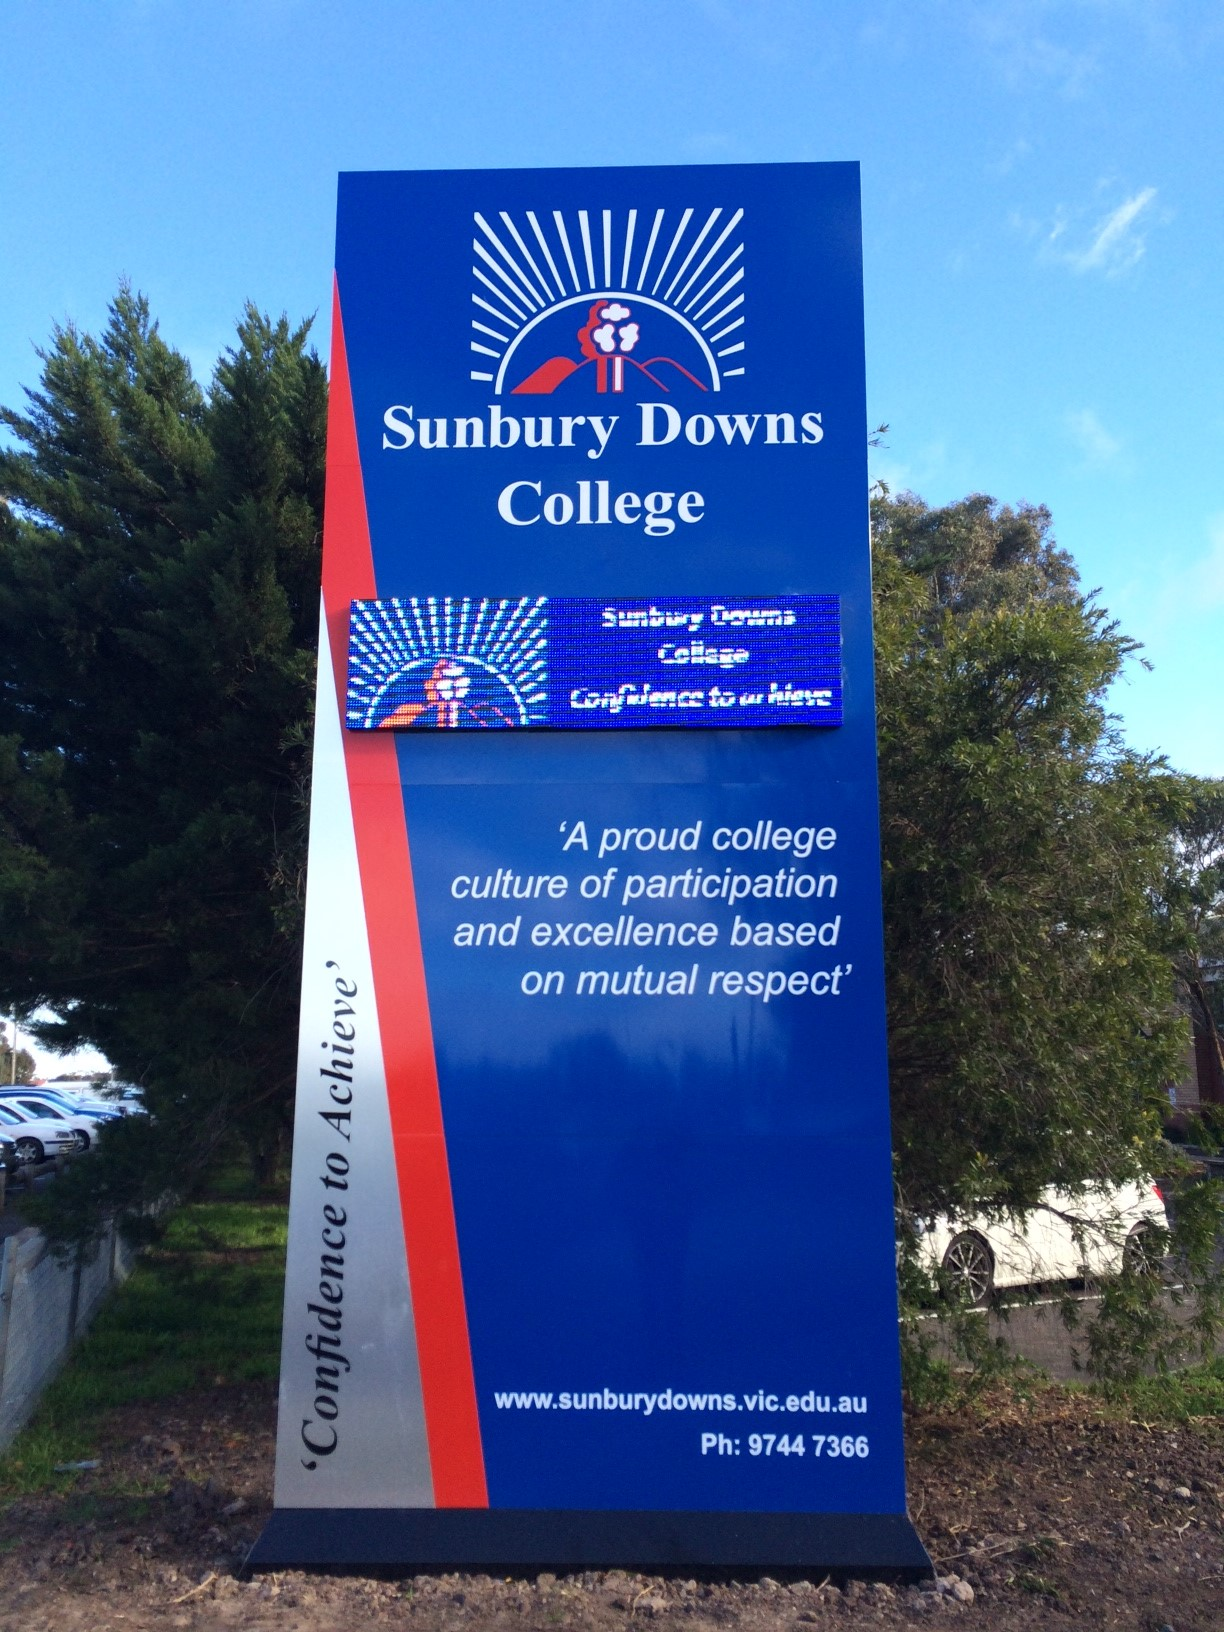 Sunbury Downs College